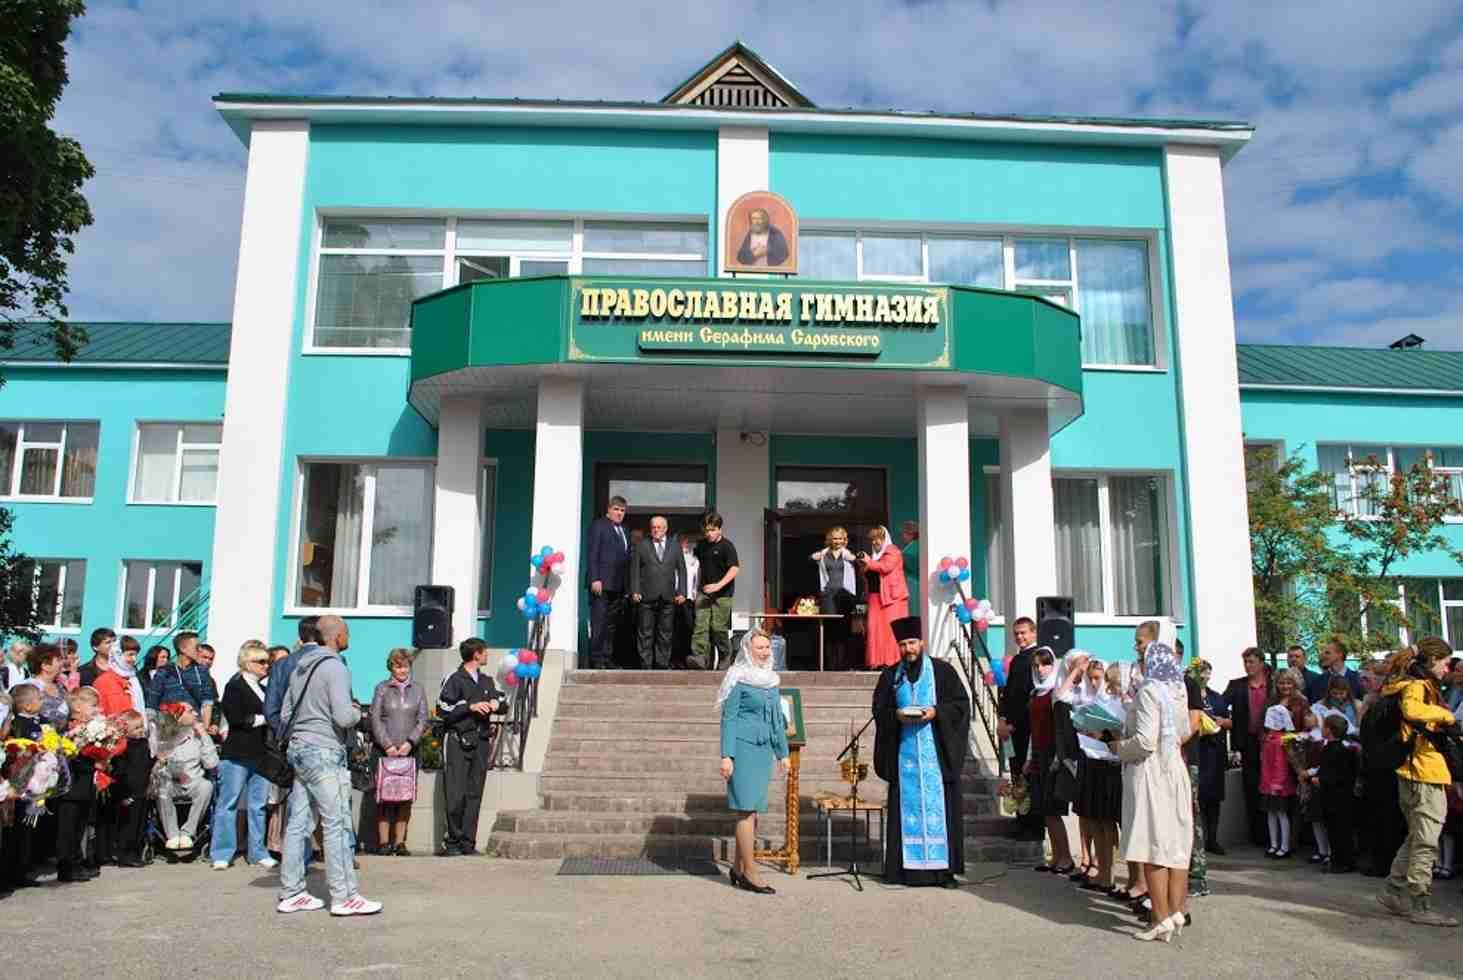 profsoyuz-uchitel-trebuet-ot-pravoslavnoj-gimnazii-v-nizhegorodskoj-oblasti-prekratit-diskriminatsiyu-rabotnika